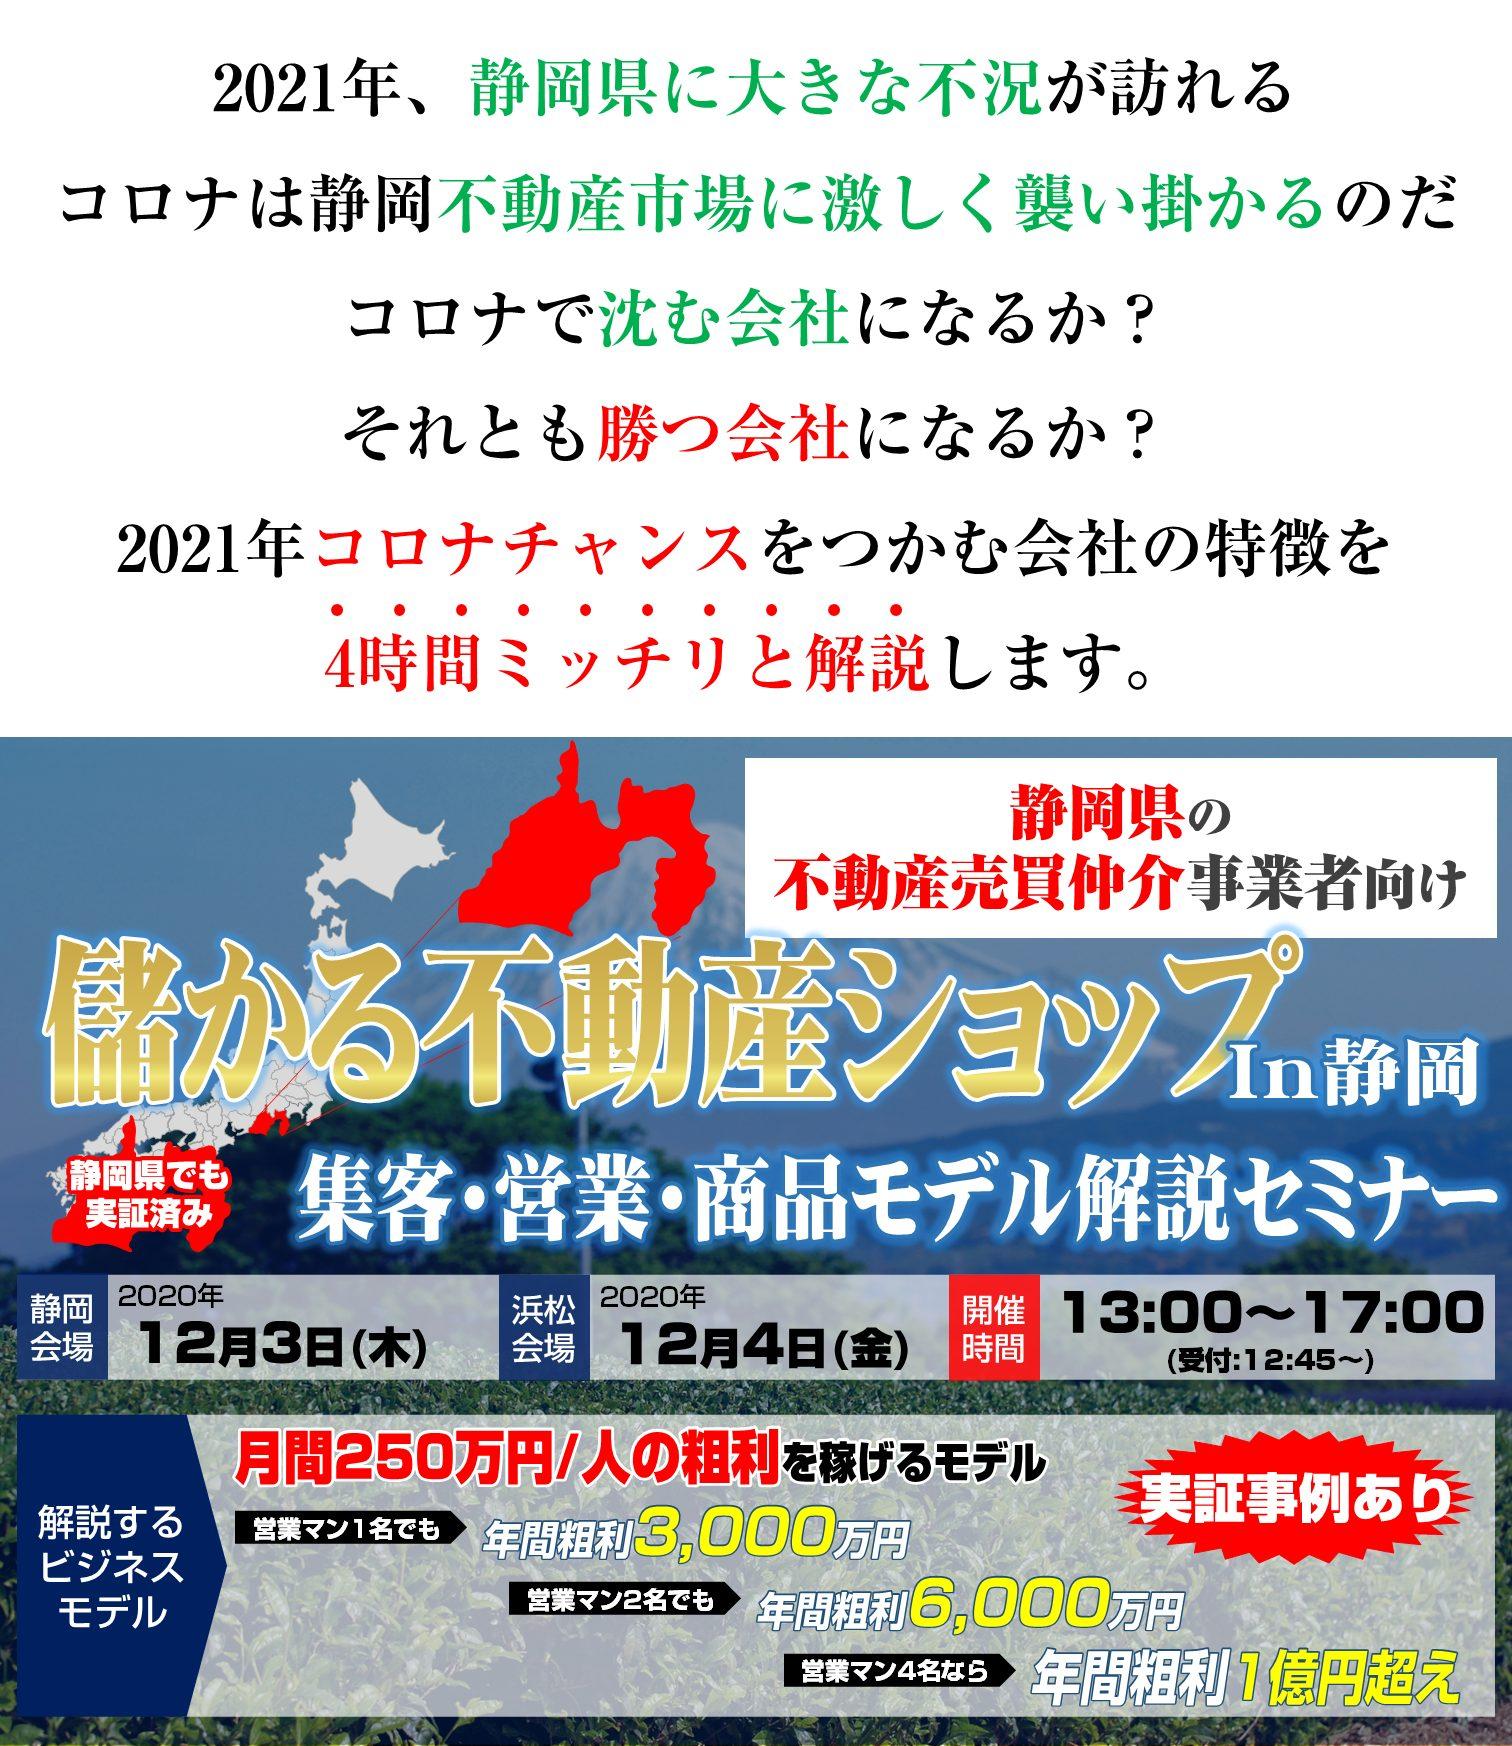 【静岡】儲かる不動産会社 ビジネスモデル解説セミナーin静岡_2020.12